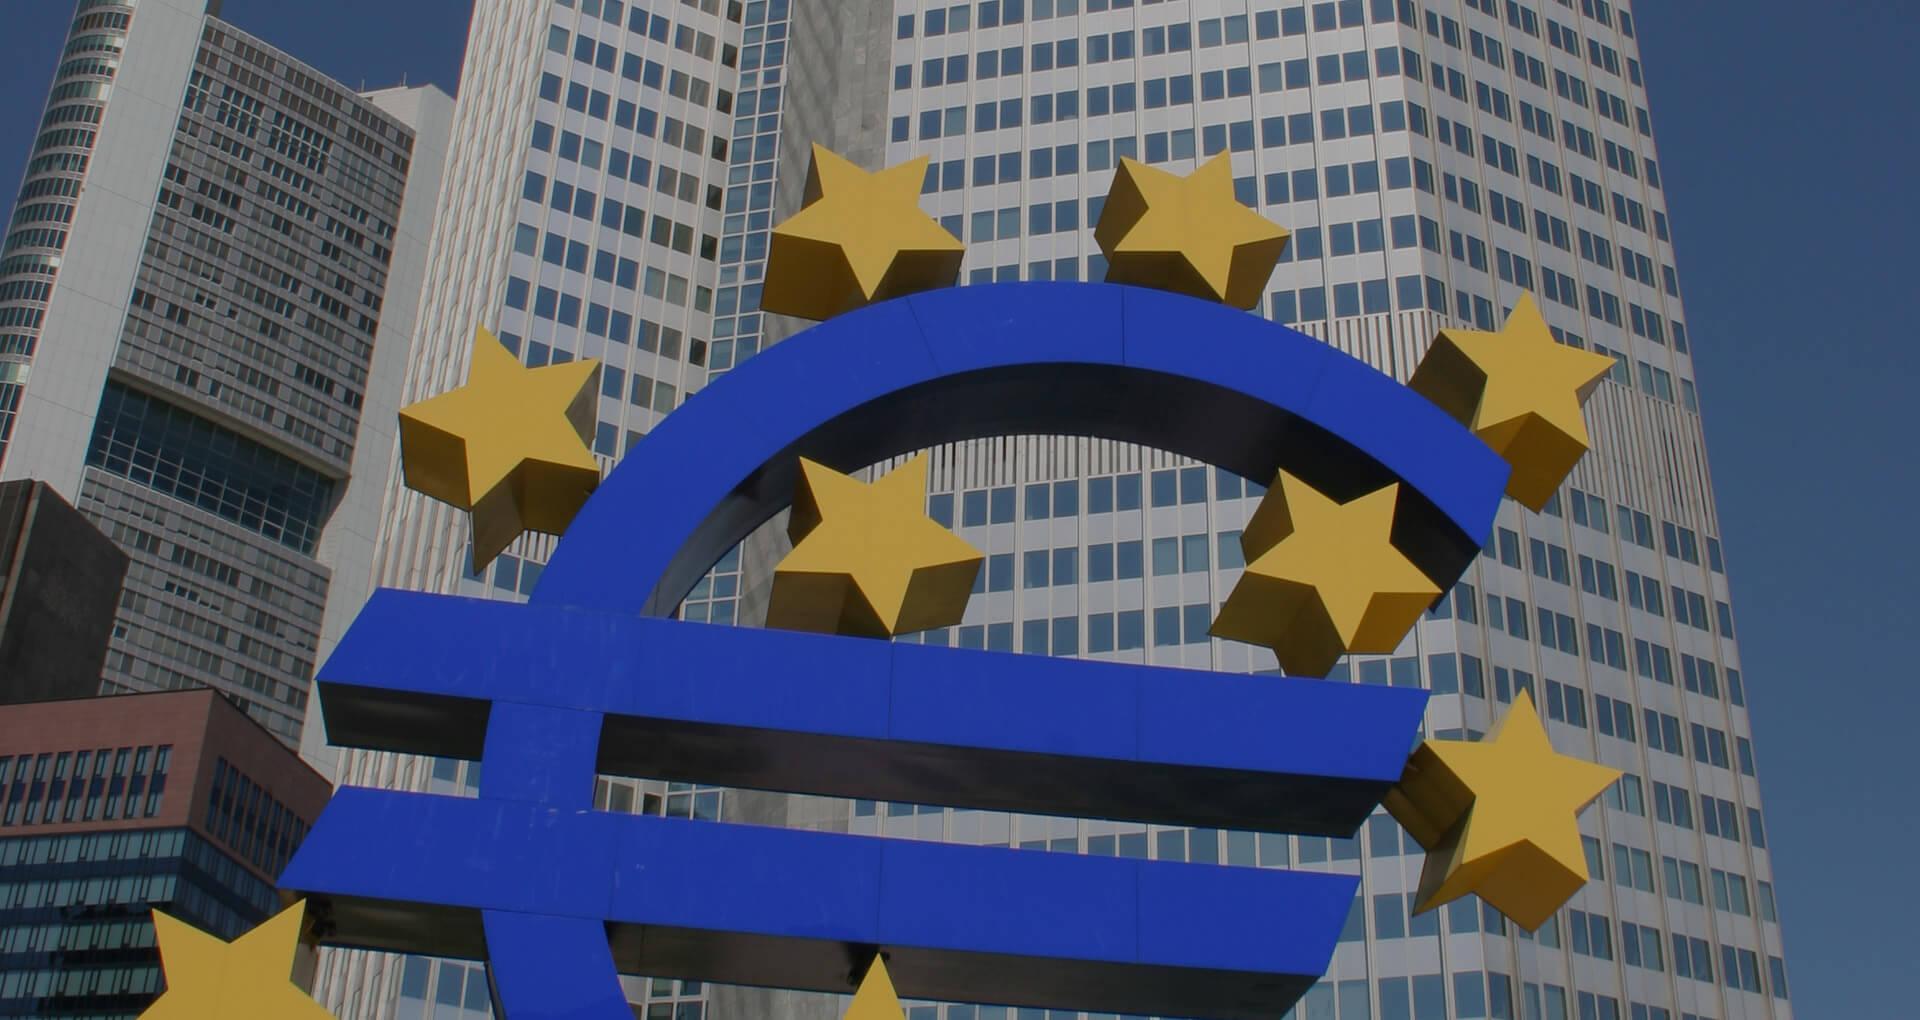 frankfurt-euro-kraiss-wilke-kollegen